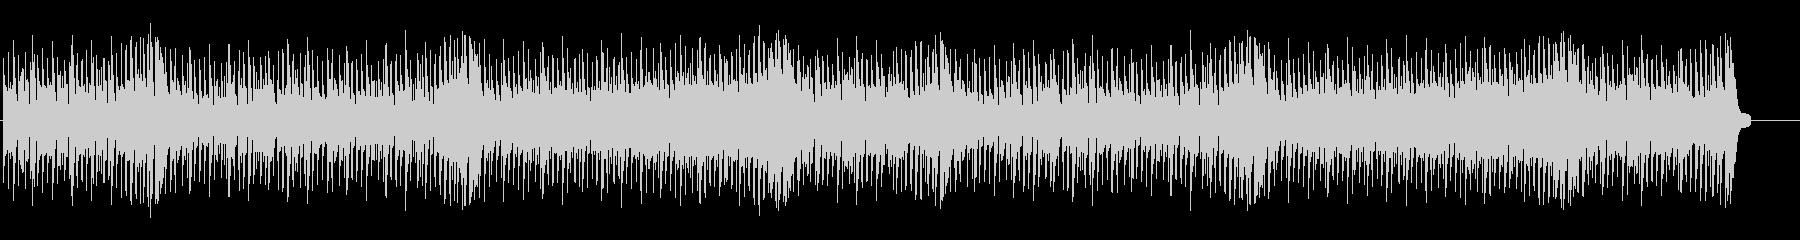 ロックマンの様な音楽ですの未再生の波形